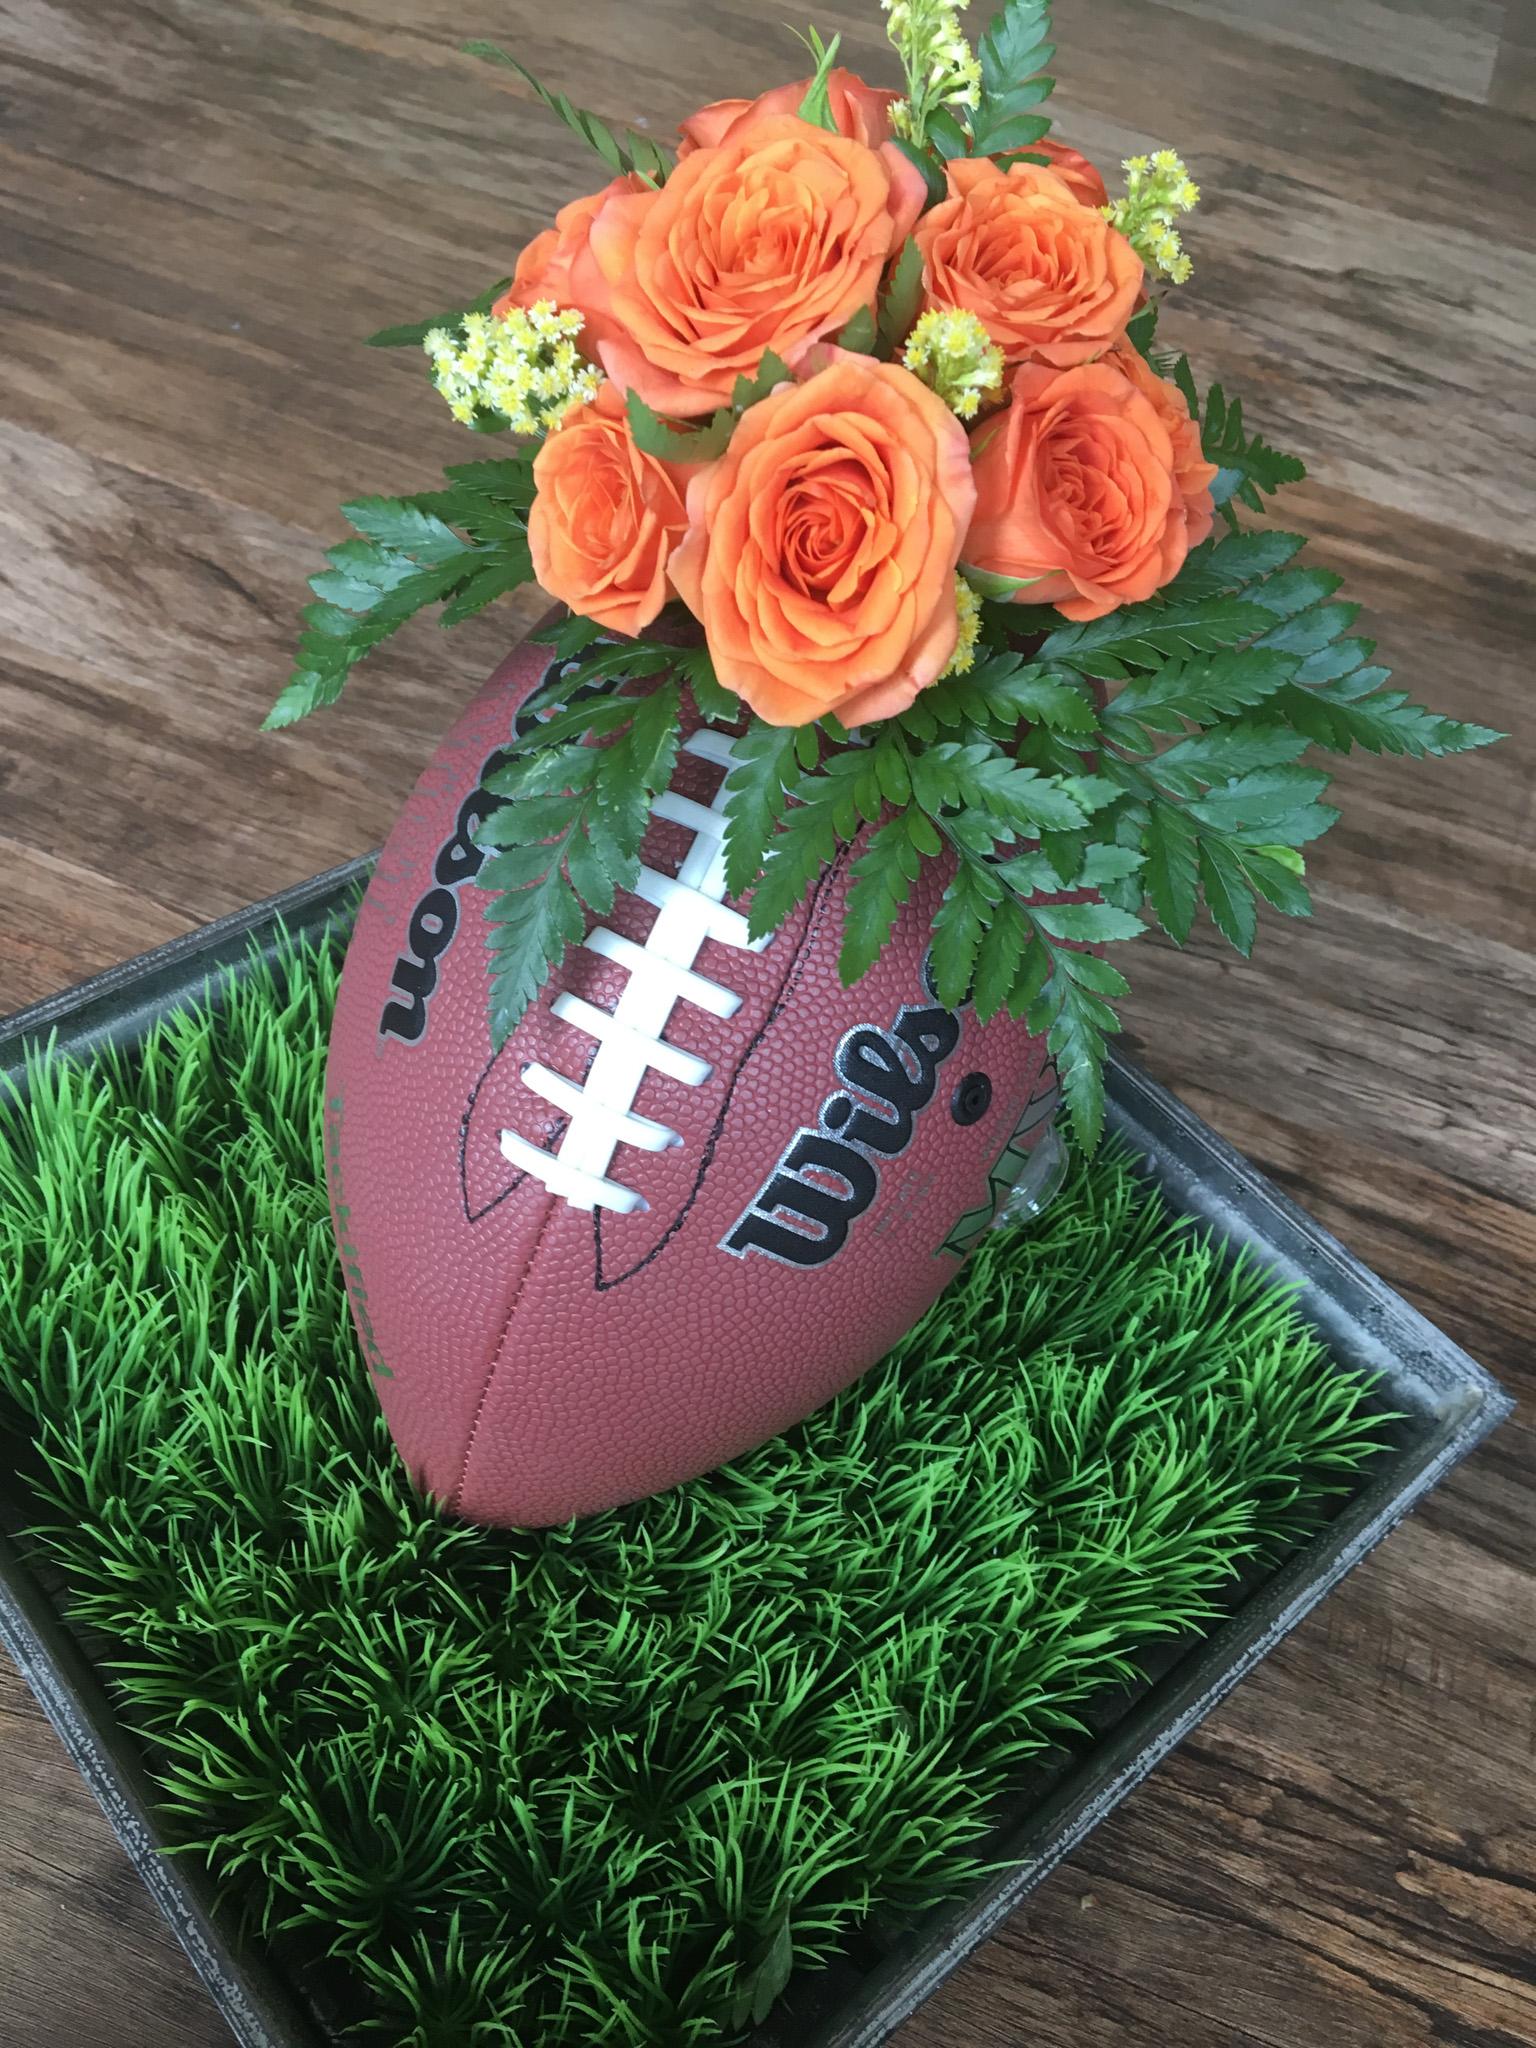 football_flower_bouquet_mckenziechic2.jpg